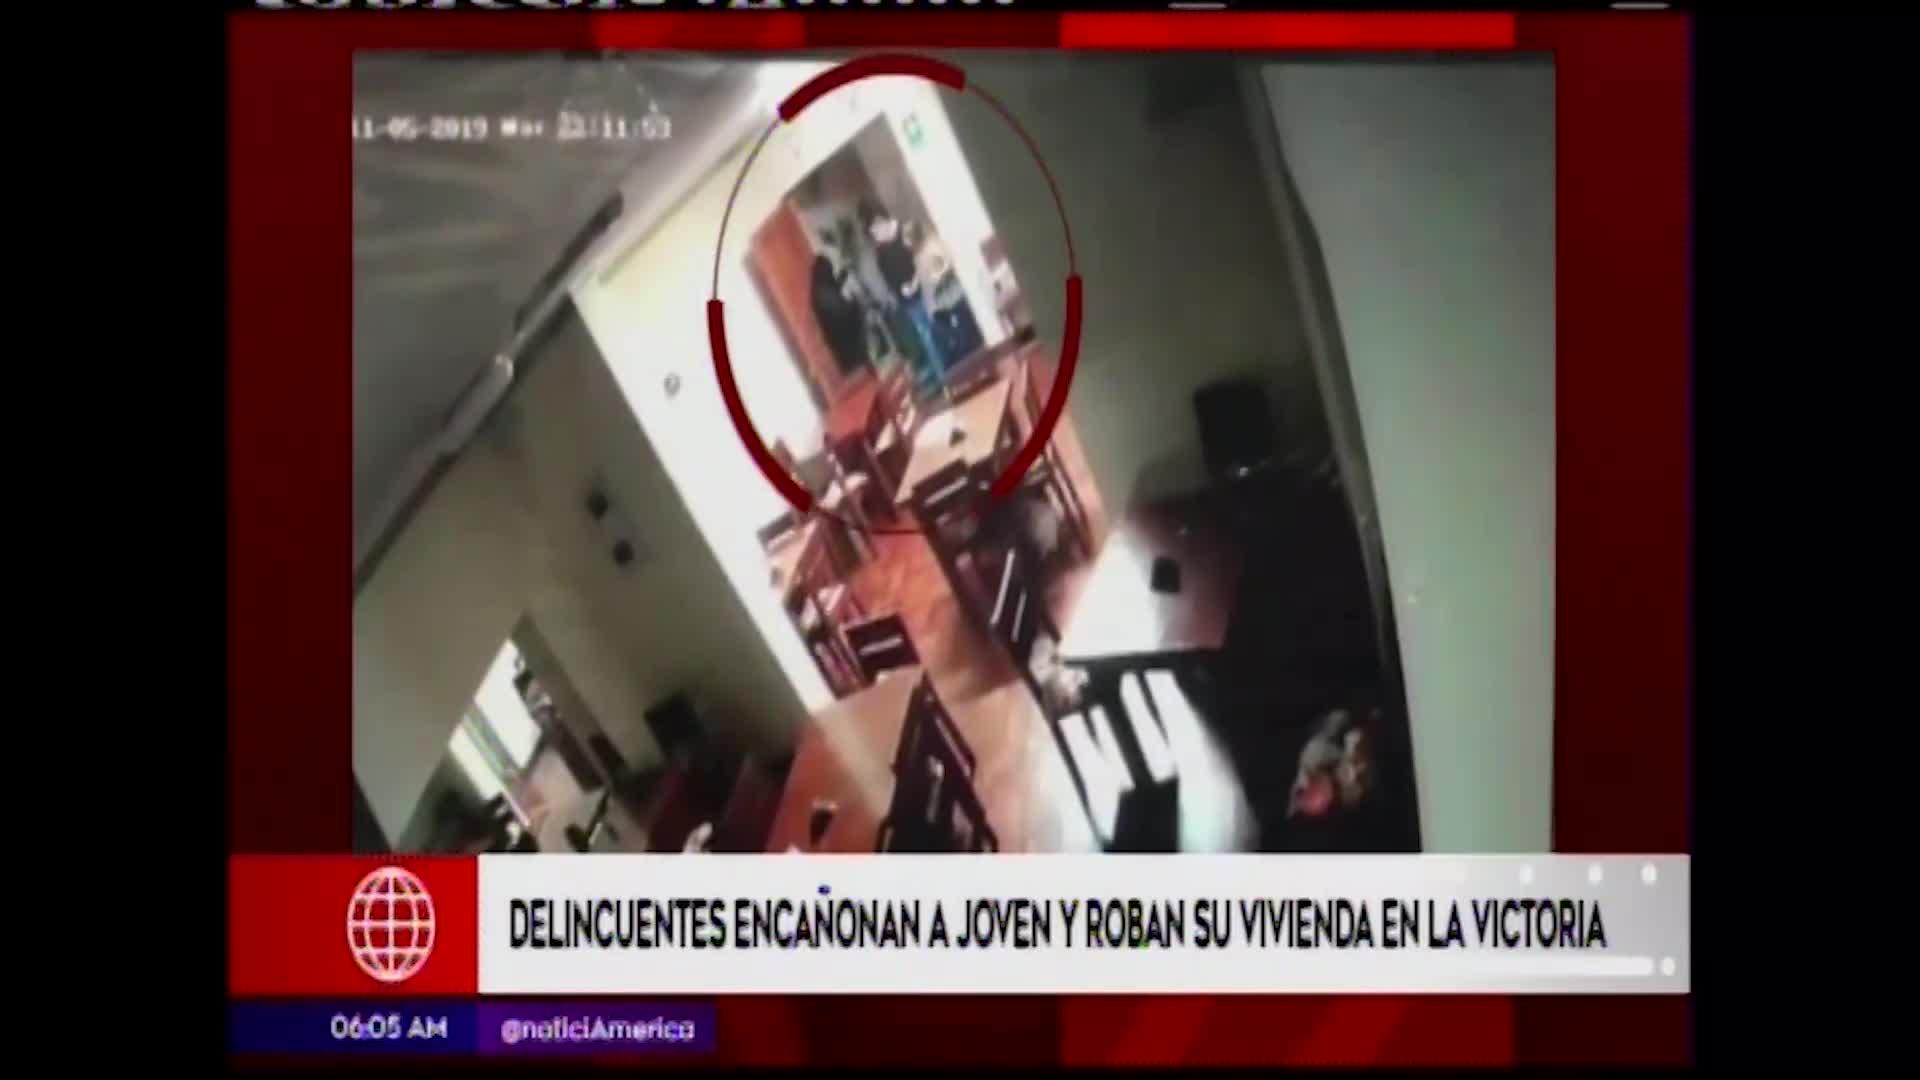 La Victoria: sujetos amenazan con arma de fuego a joven para robar su vivienda